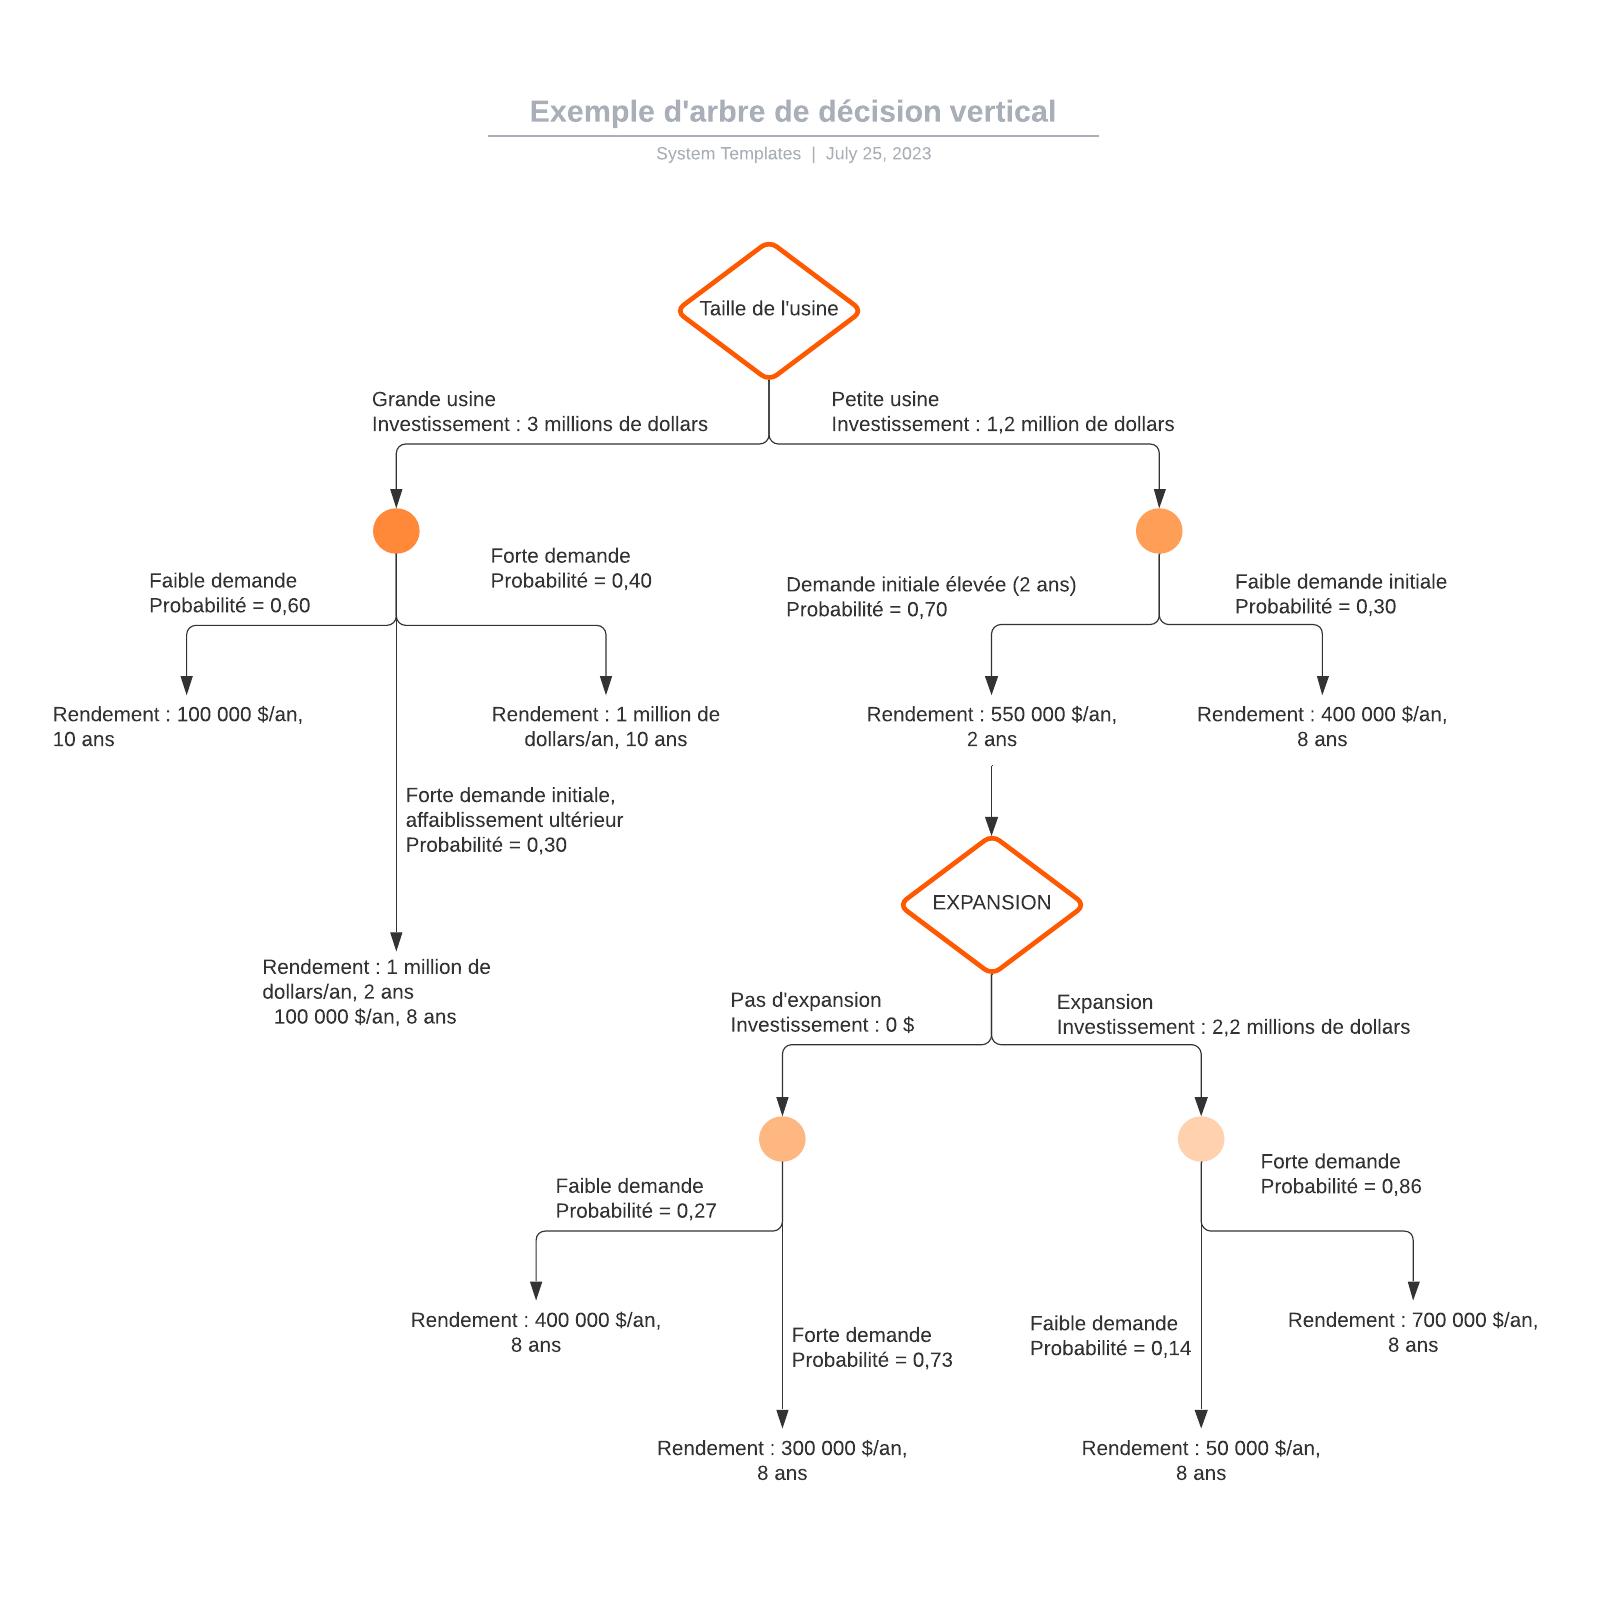 exemple d'arbre de décision vertical